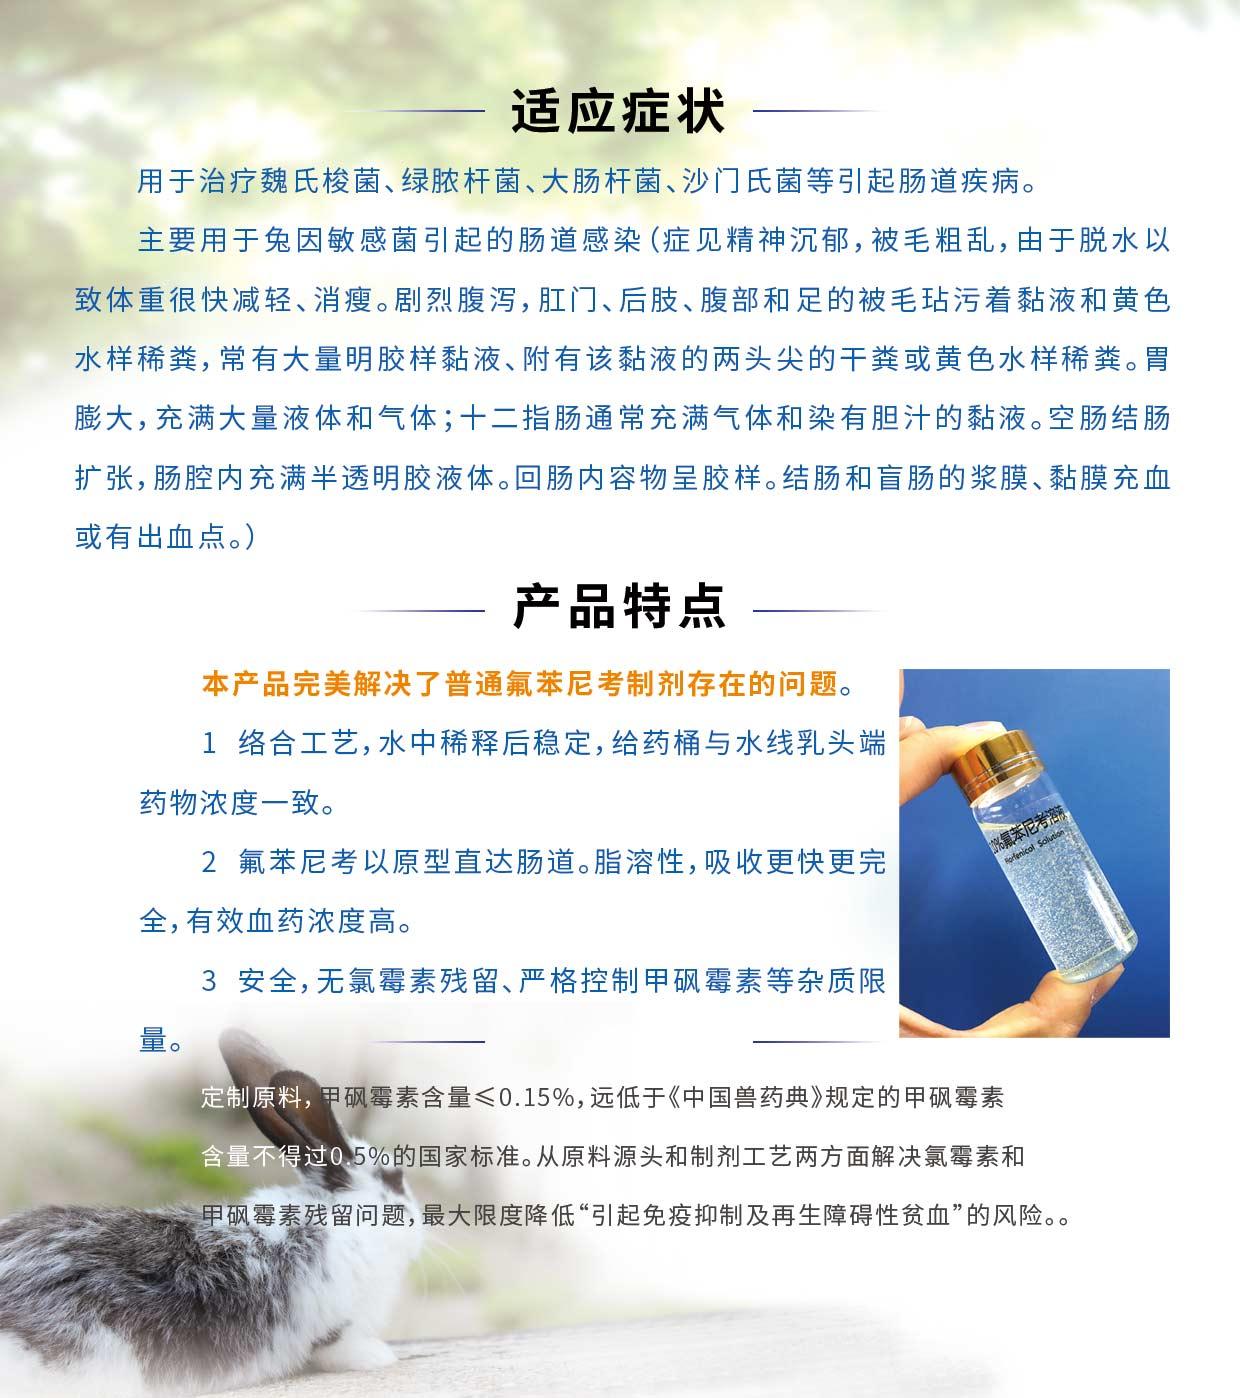 氟苯尼考溶液-兔肠炎肺炎用药厂家青岛康地恩